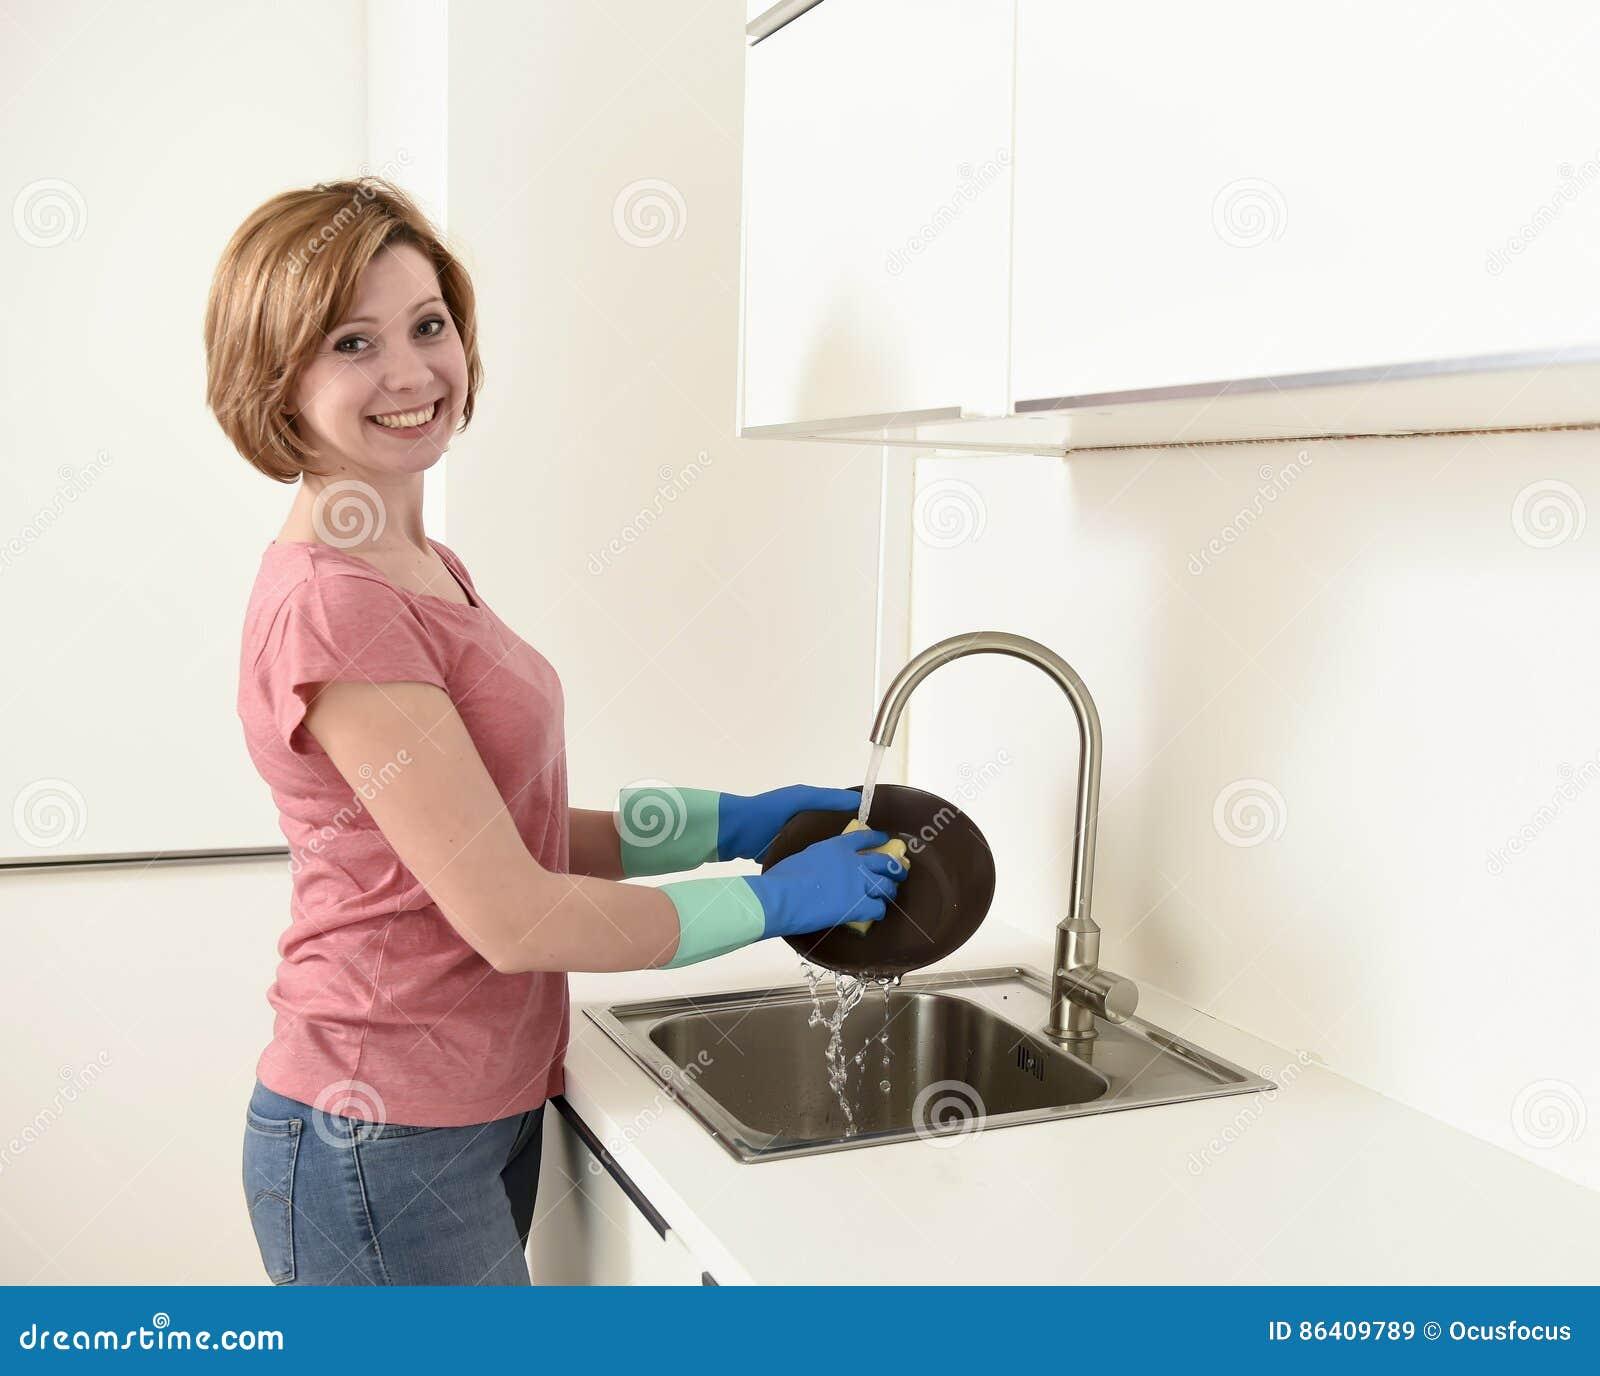 Schönes rotes Haarfrauenlächeln glücklich und Positiv, das die Teller am Spülbecken wäscht